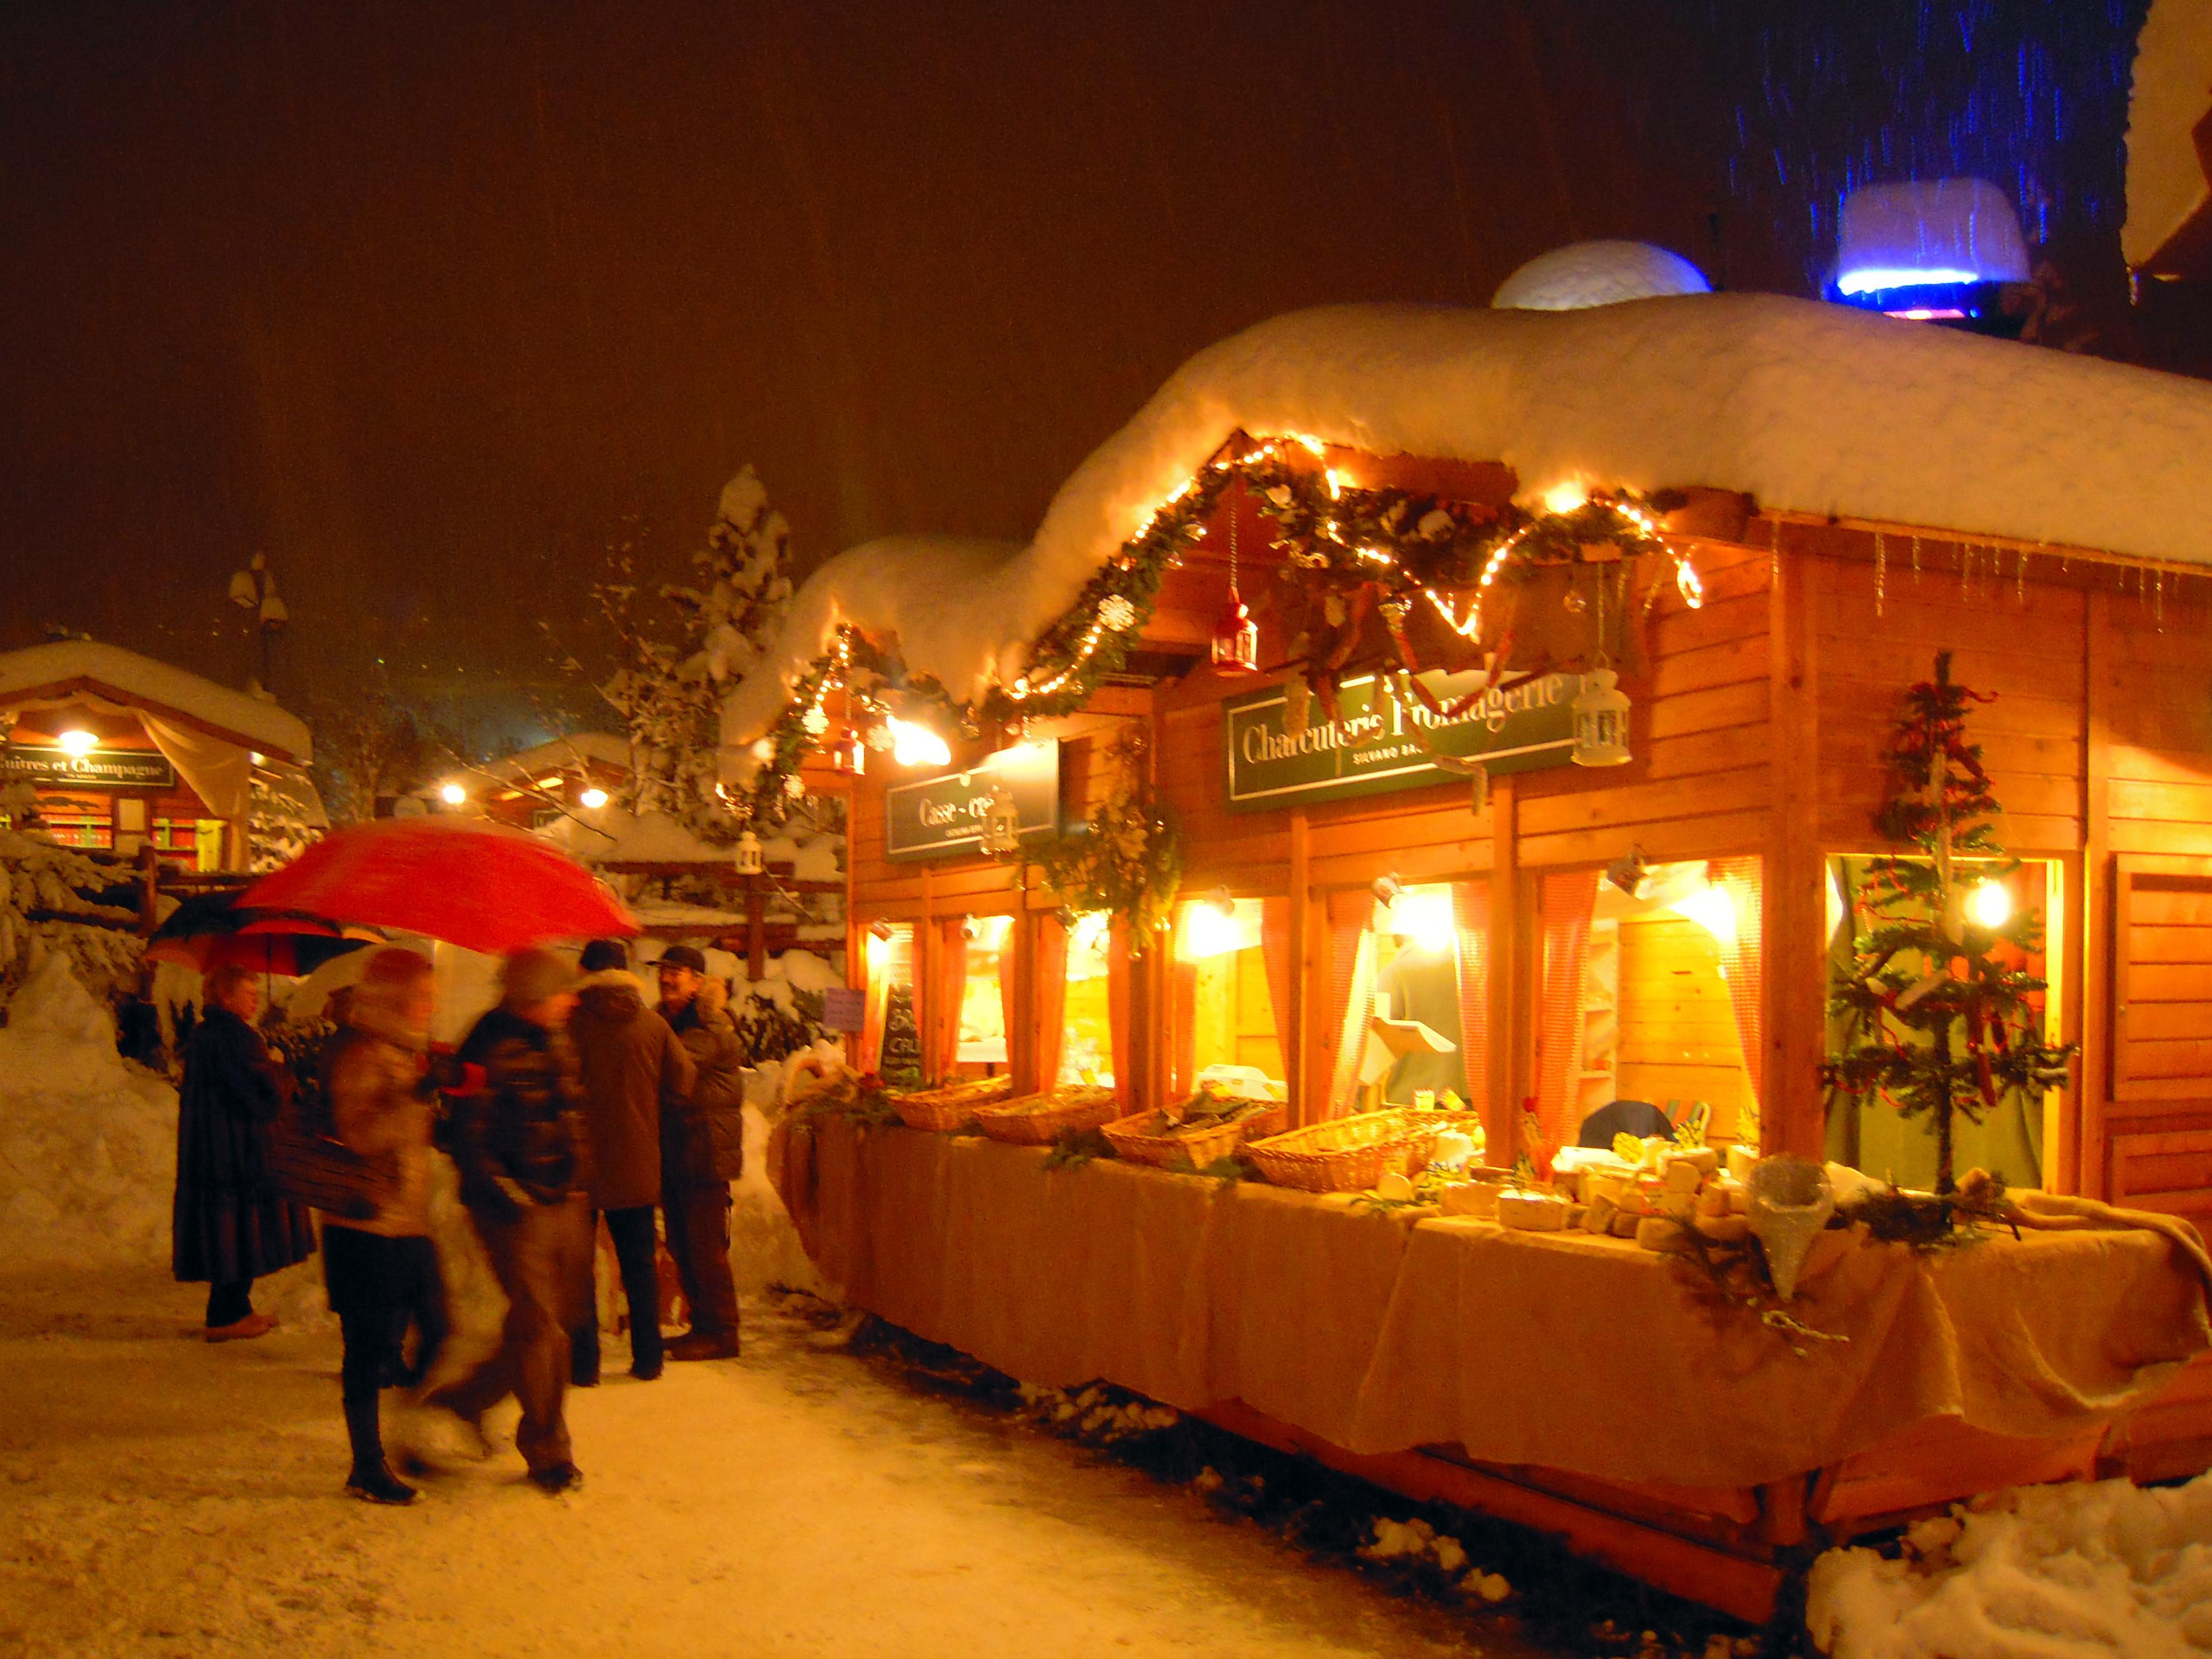 Mercatino di Natale ad Aosta